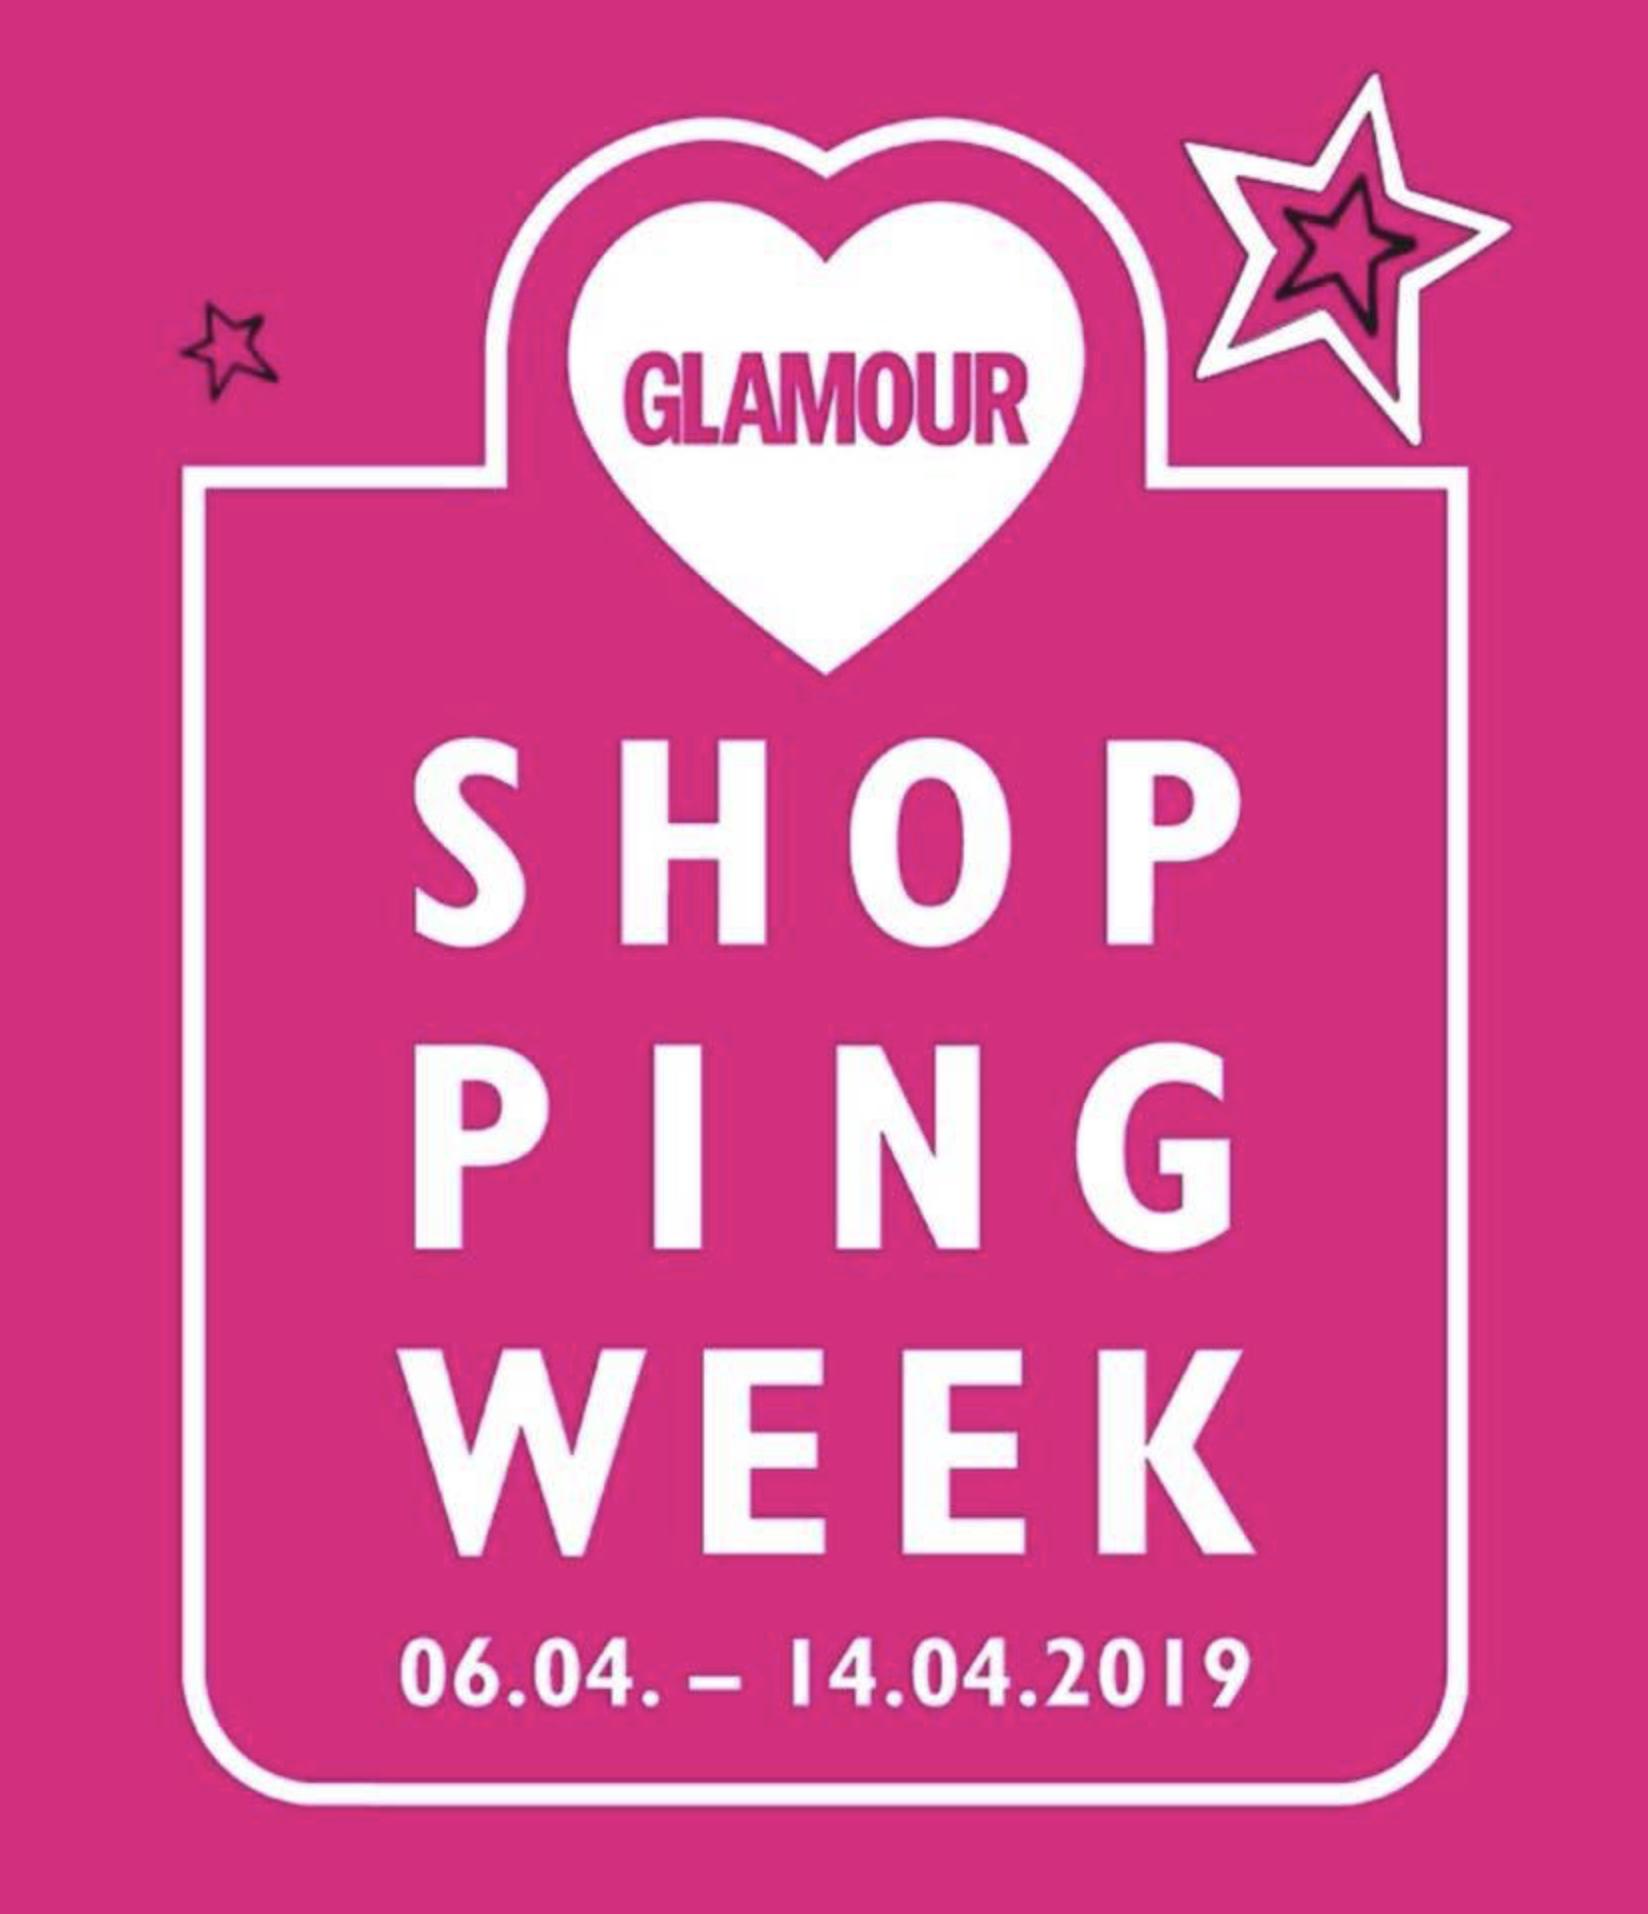 glamour shopping week oktober 2020